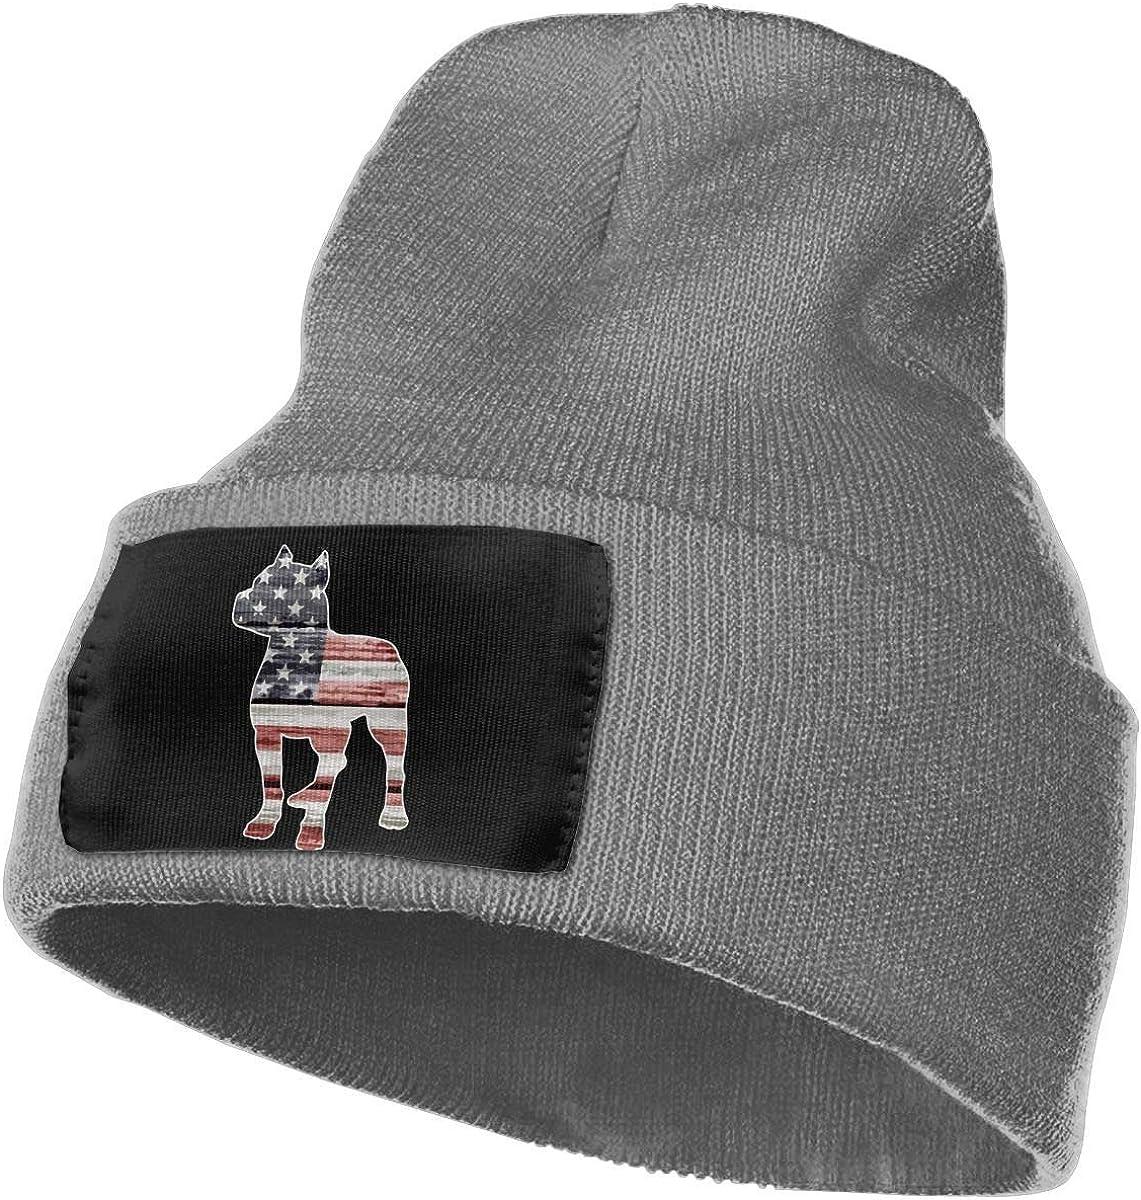 Miedhki Gorra de Punto de acrílico 100% para Mujer para Hombre, Gorra patriótica de esquí de Moda de la Bandera Americana de Pitbull